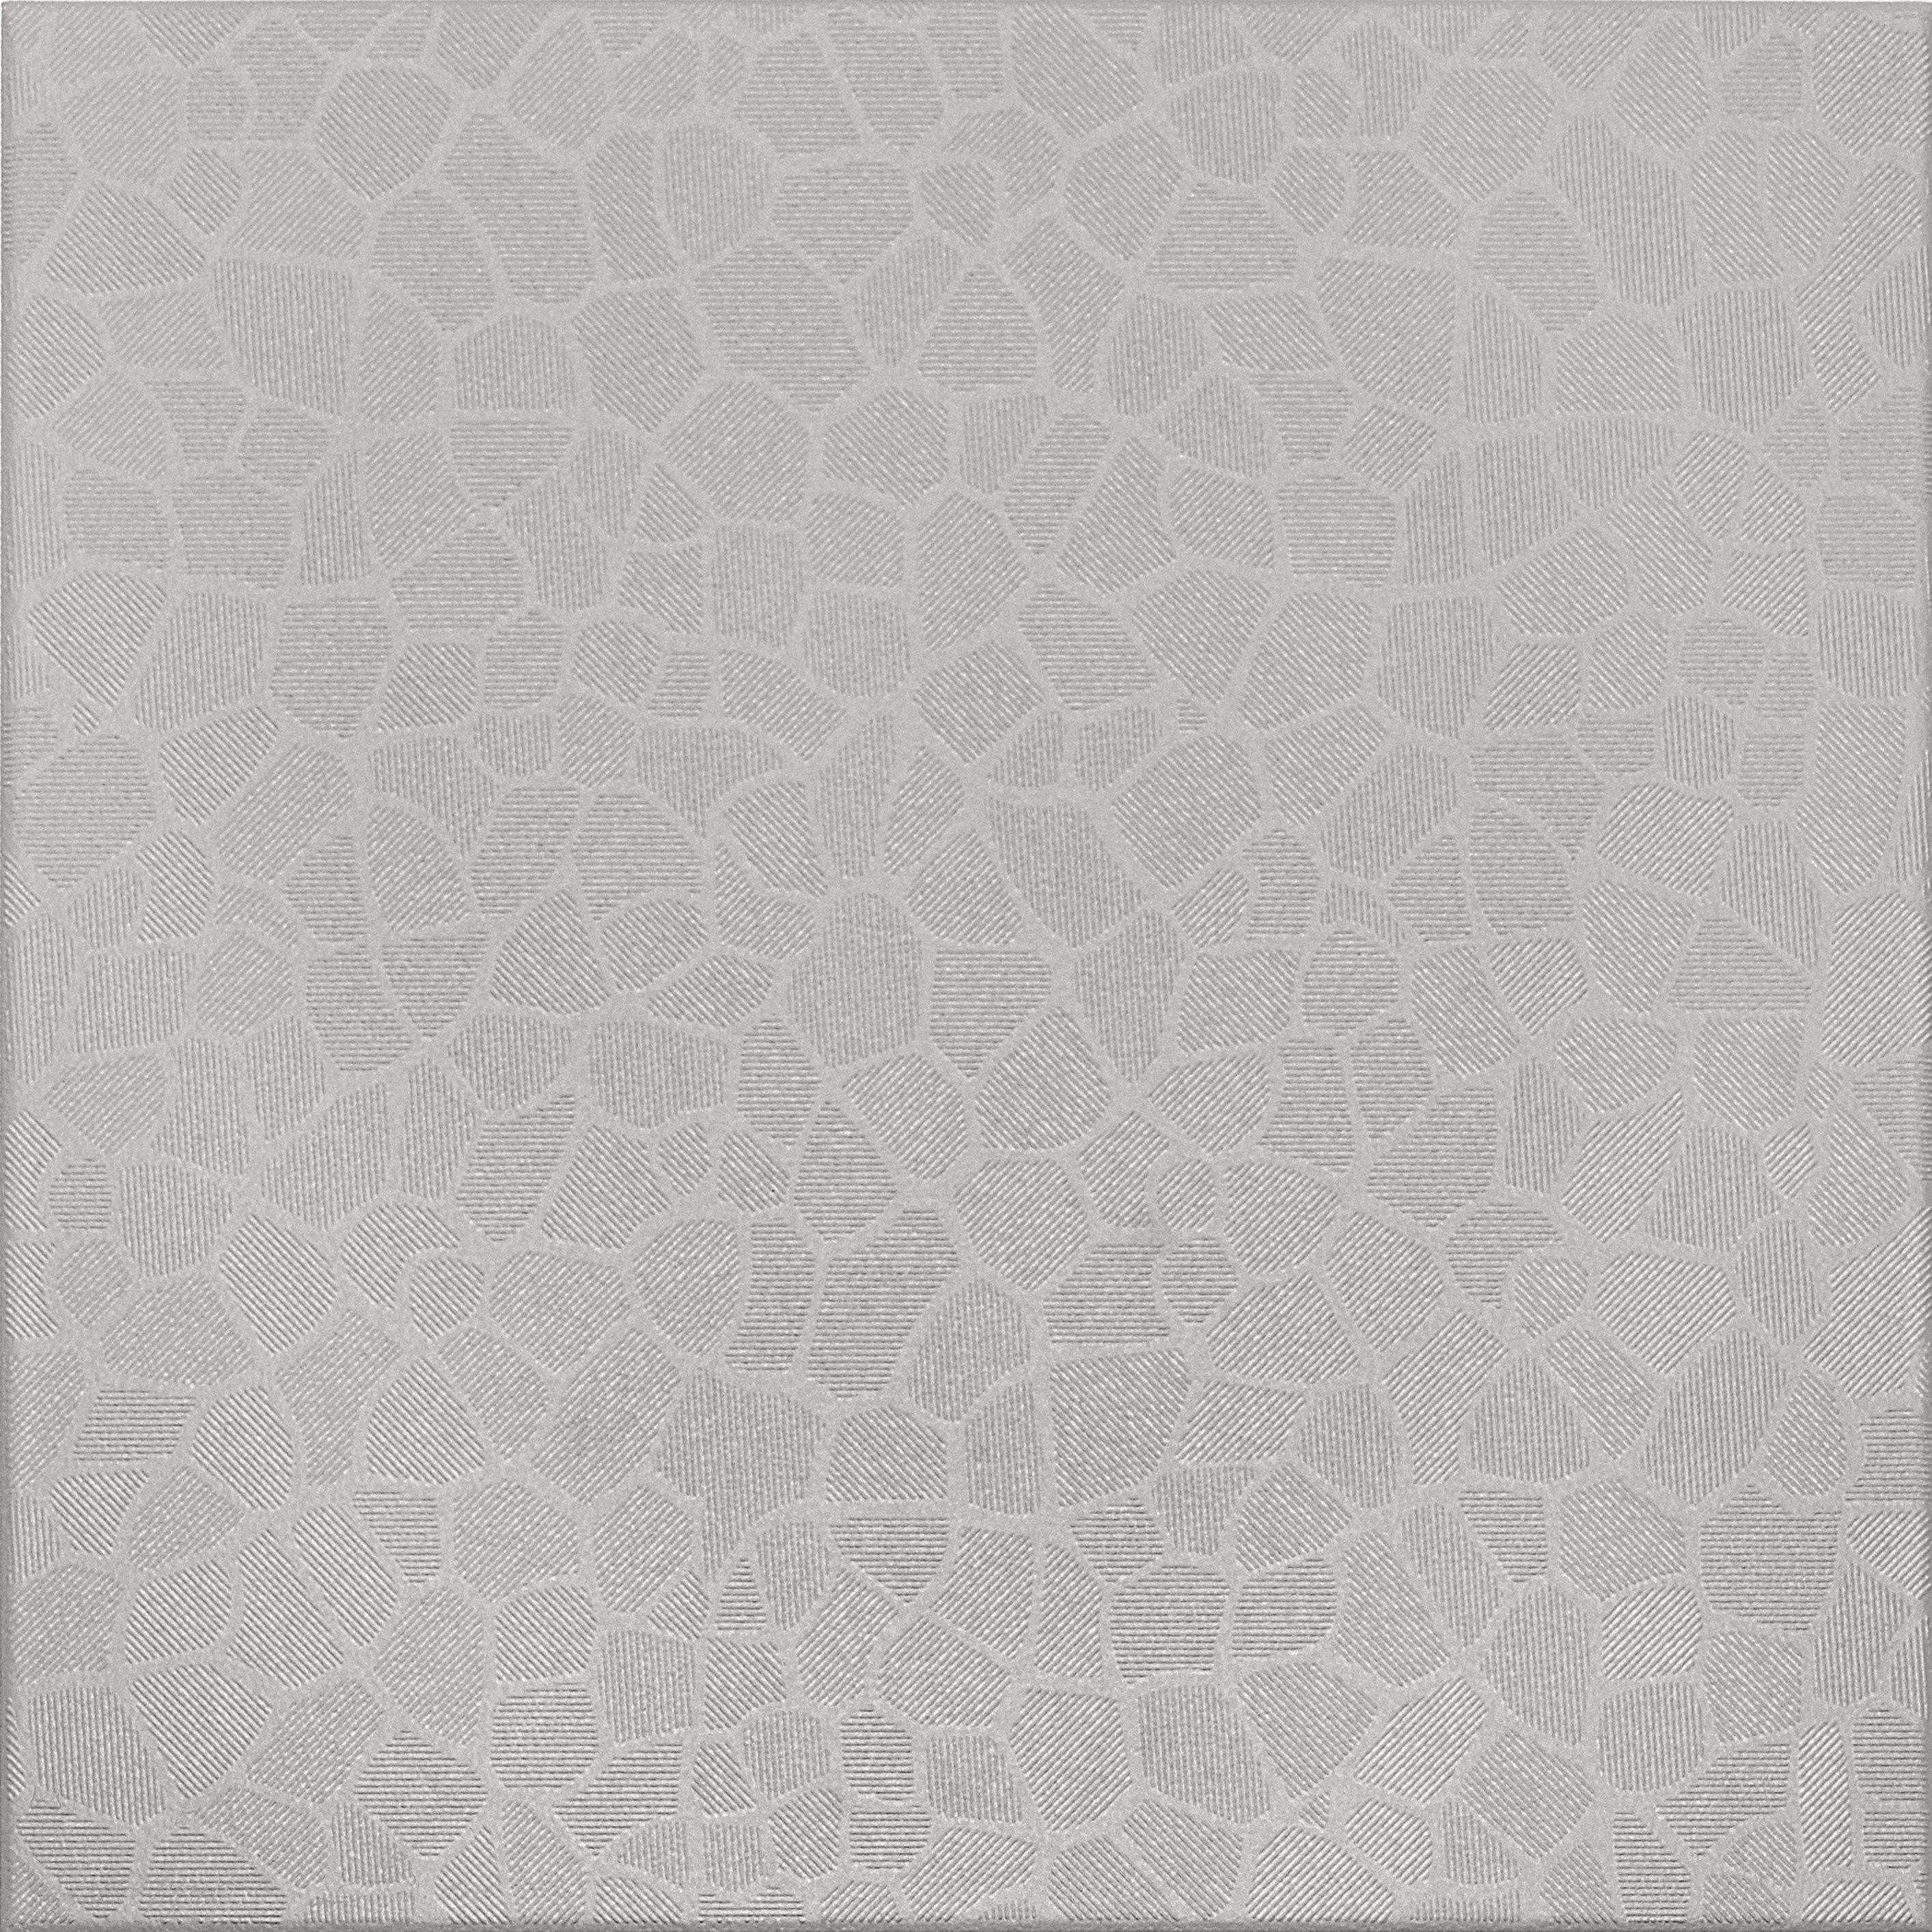 Pavimento antideslizante de gres porcel nico esmaltado dry - Pavimento gres porcelanico ...